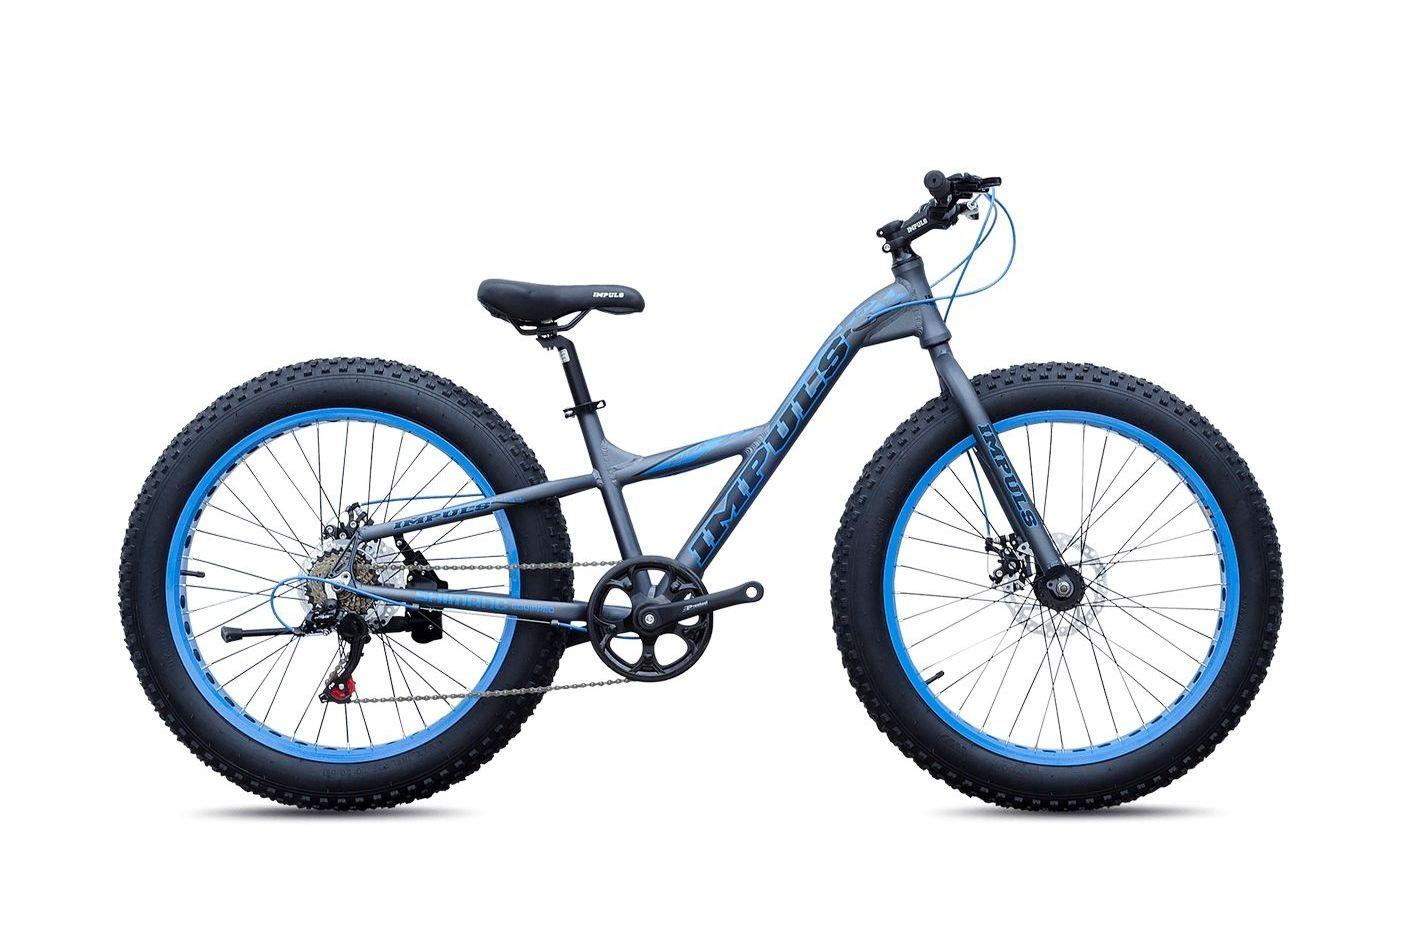 Что такое фэтбайк и в чем его преимущества - всё о велоспорте